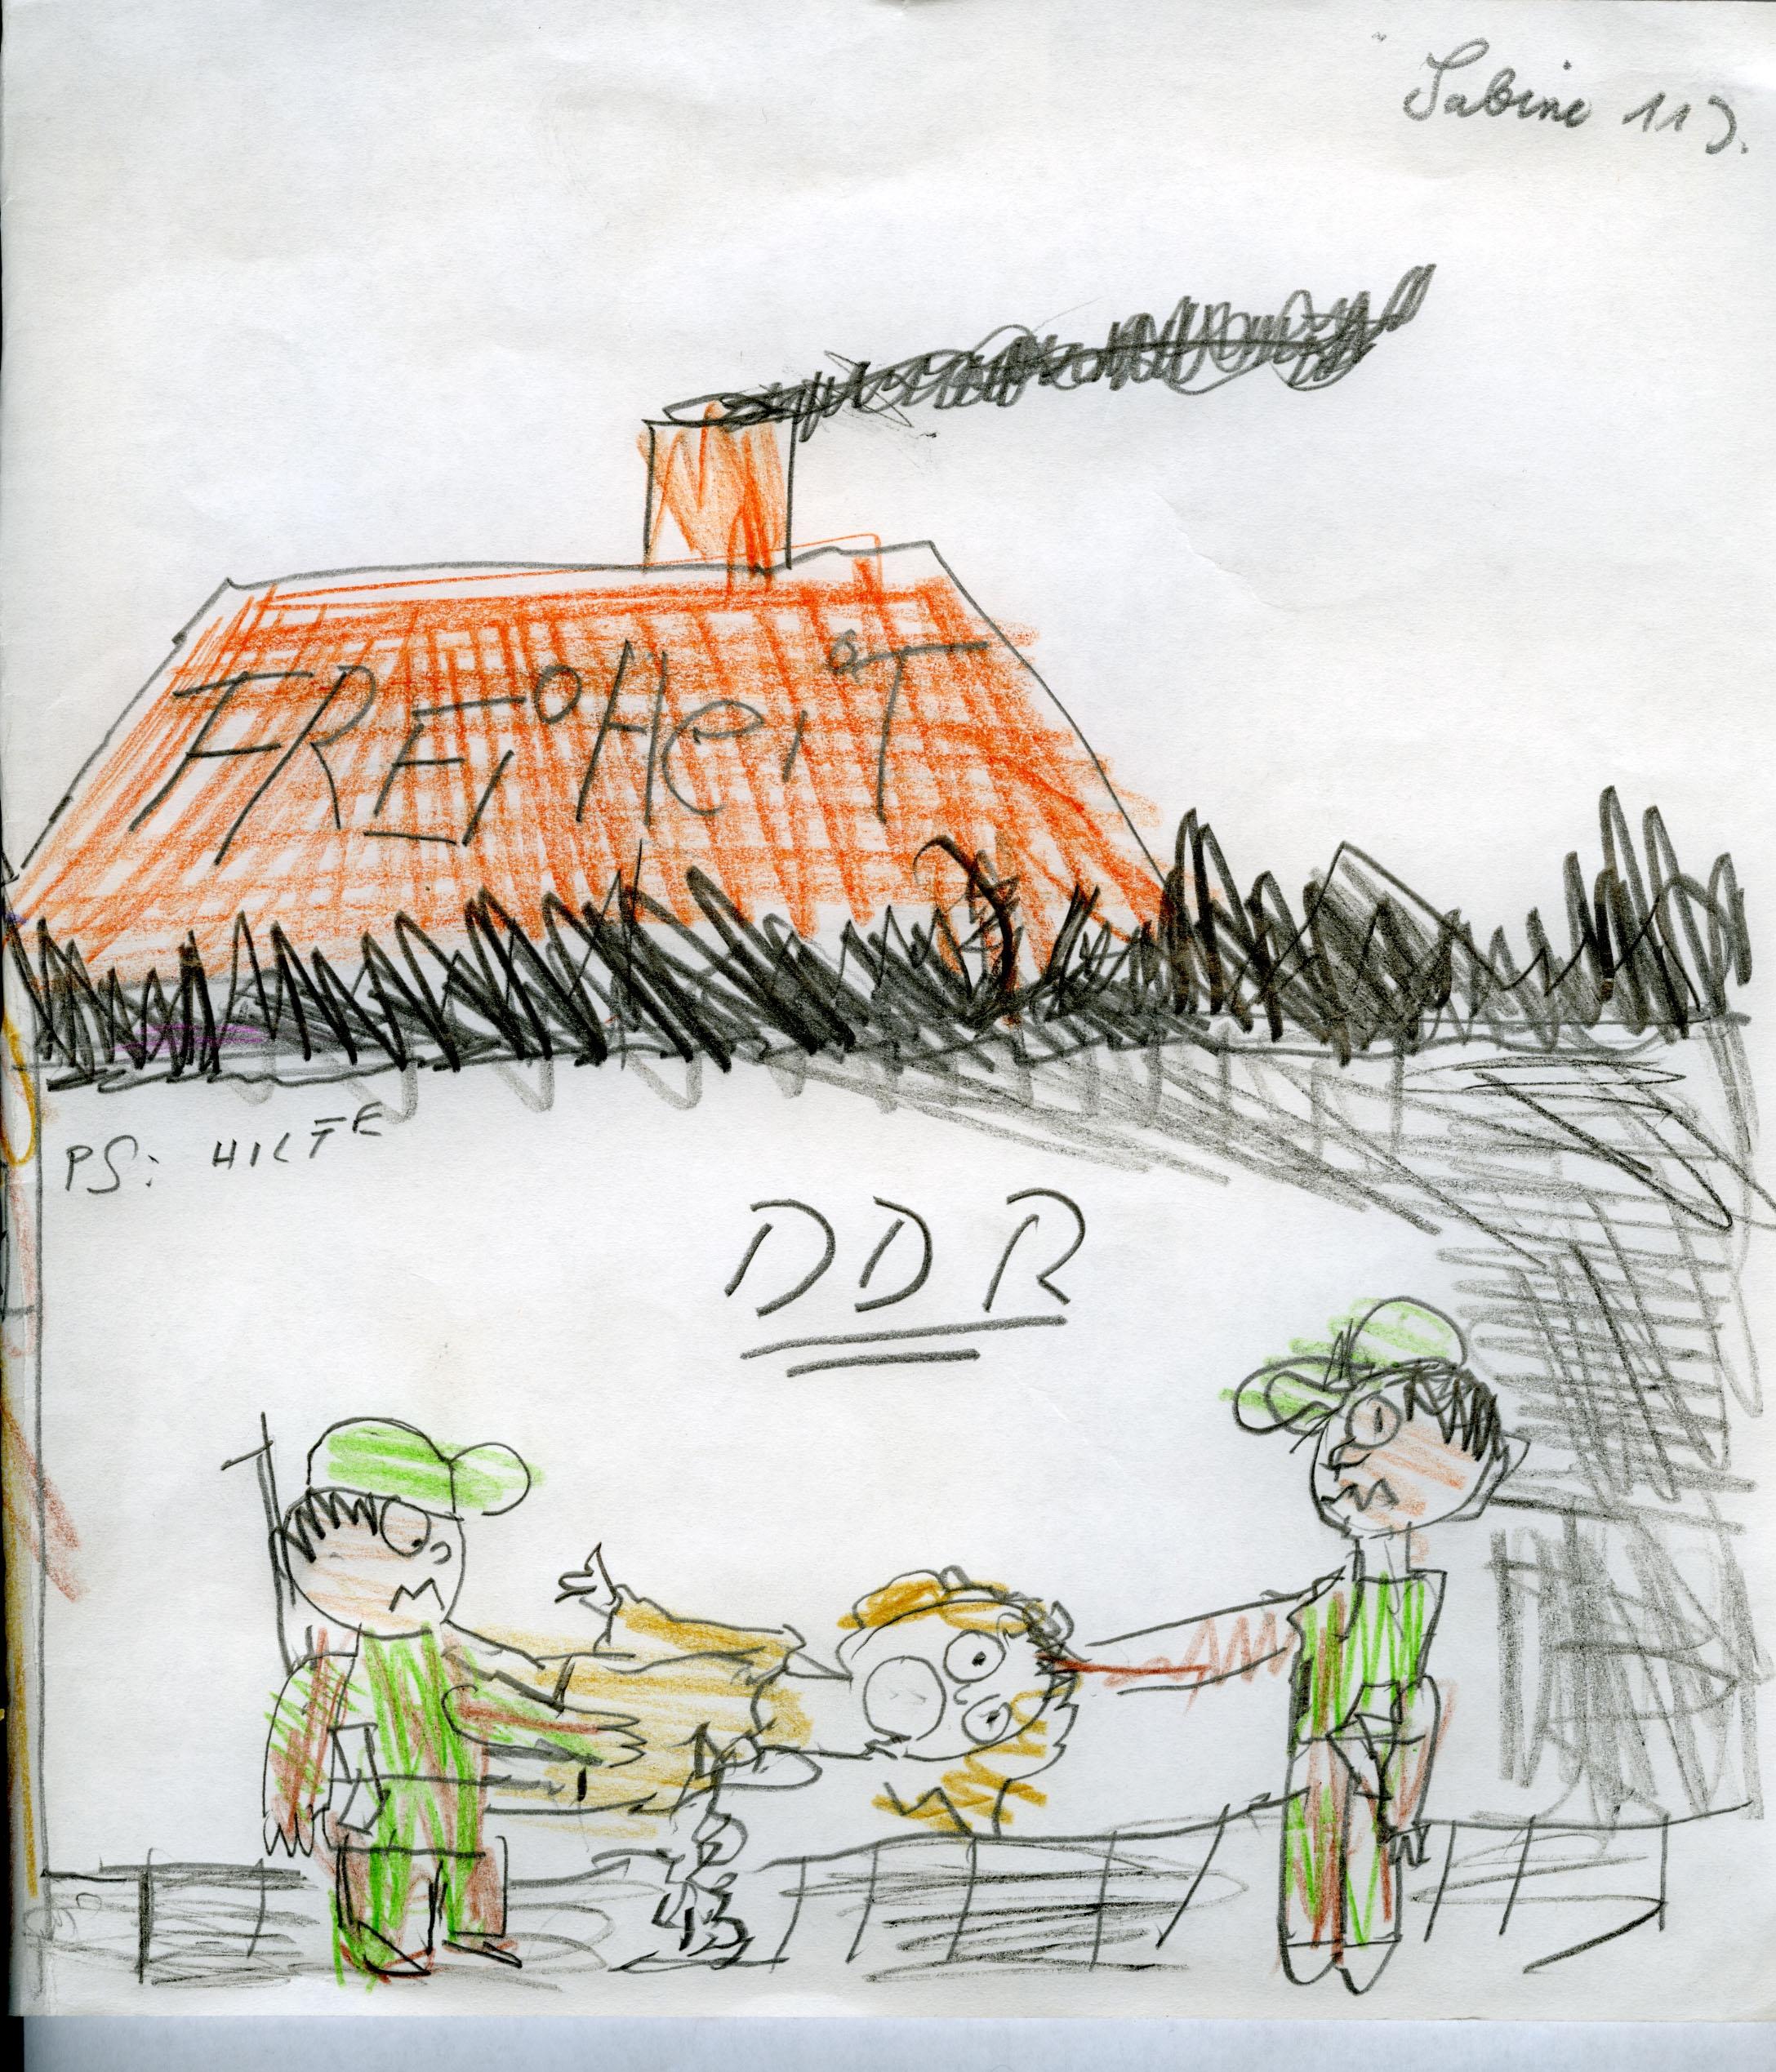 Wie sieht die DDR heute aus? Briefwechsel